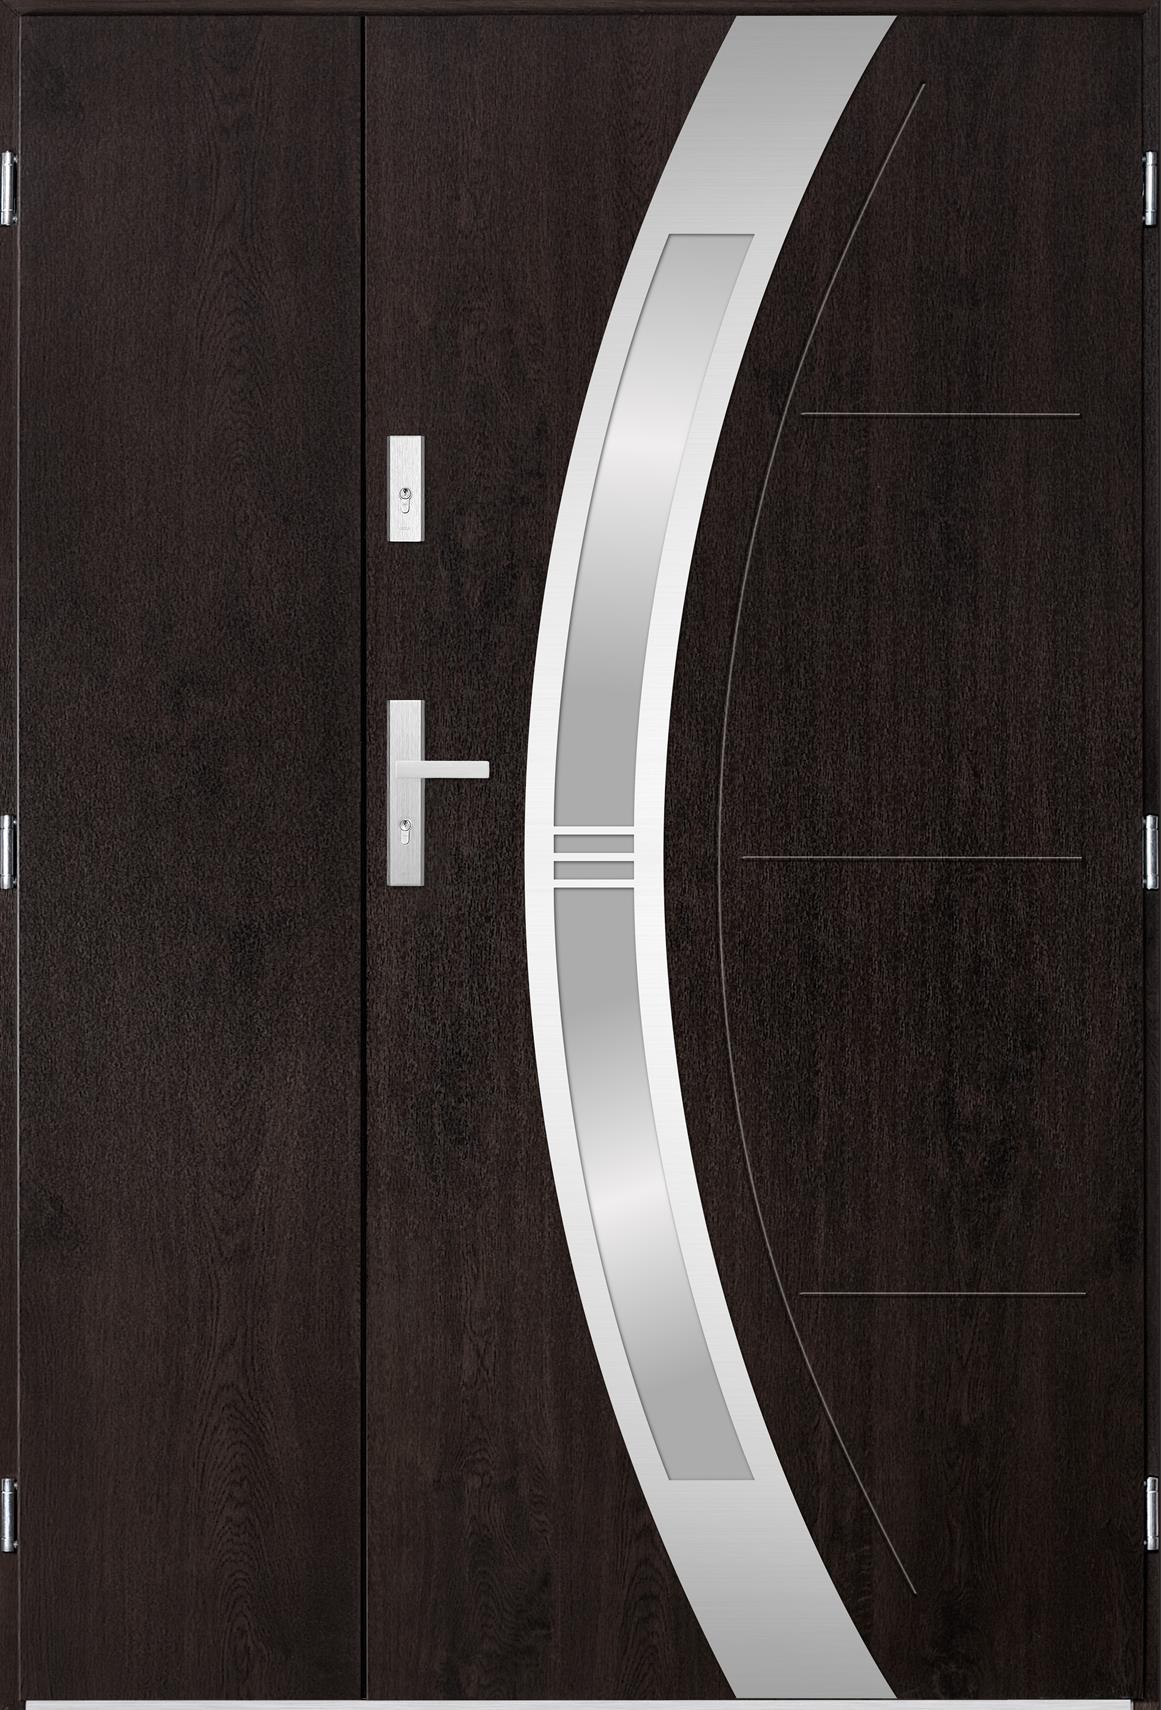 Venkovní dvoukøídlé vchodové dveøe Andrea v odstínu wenge